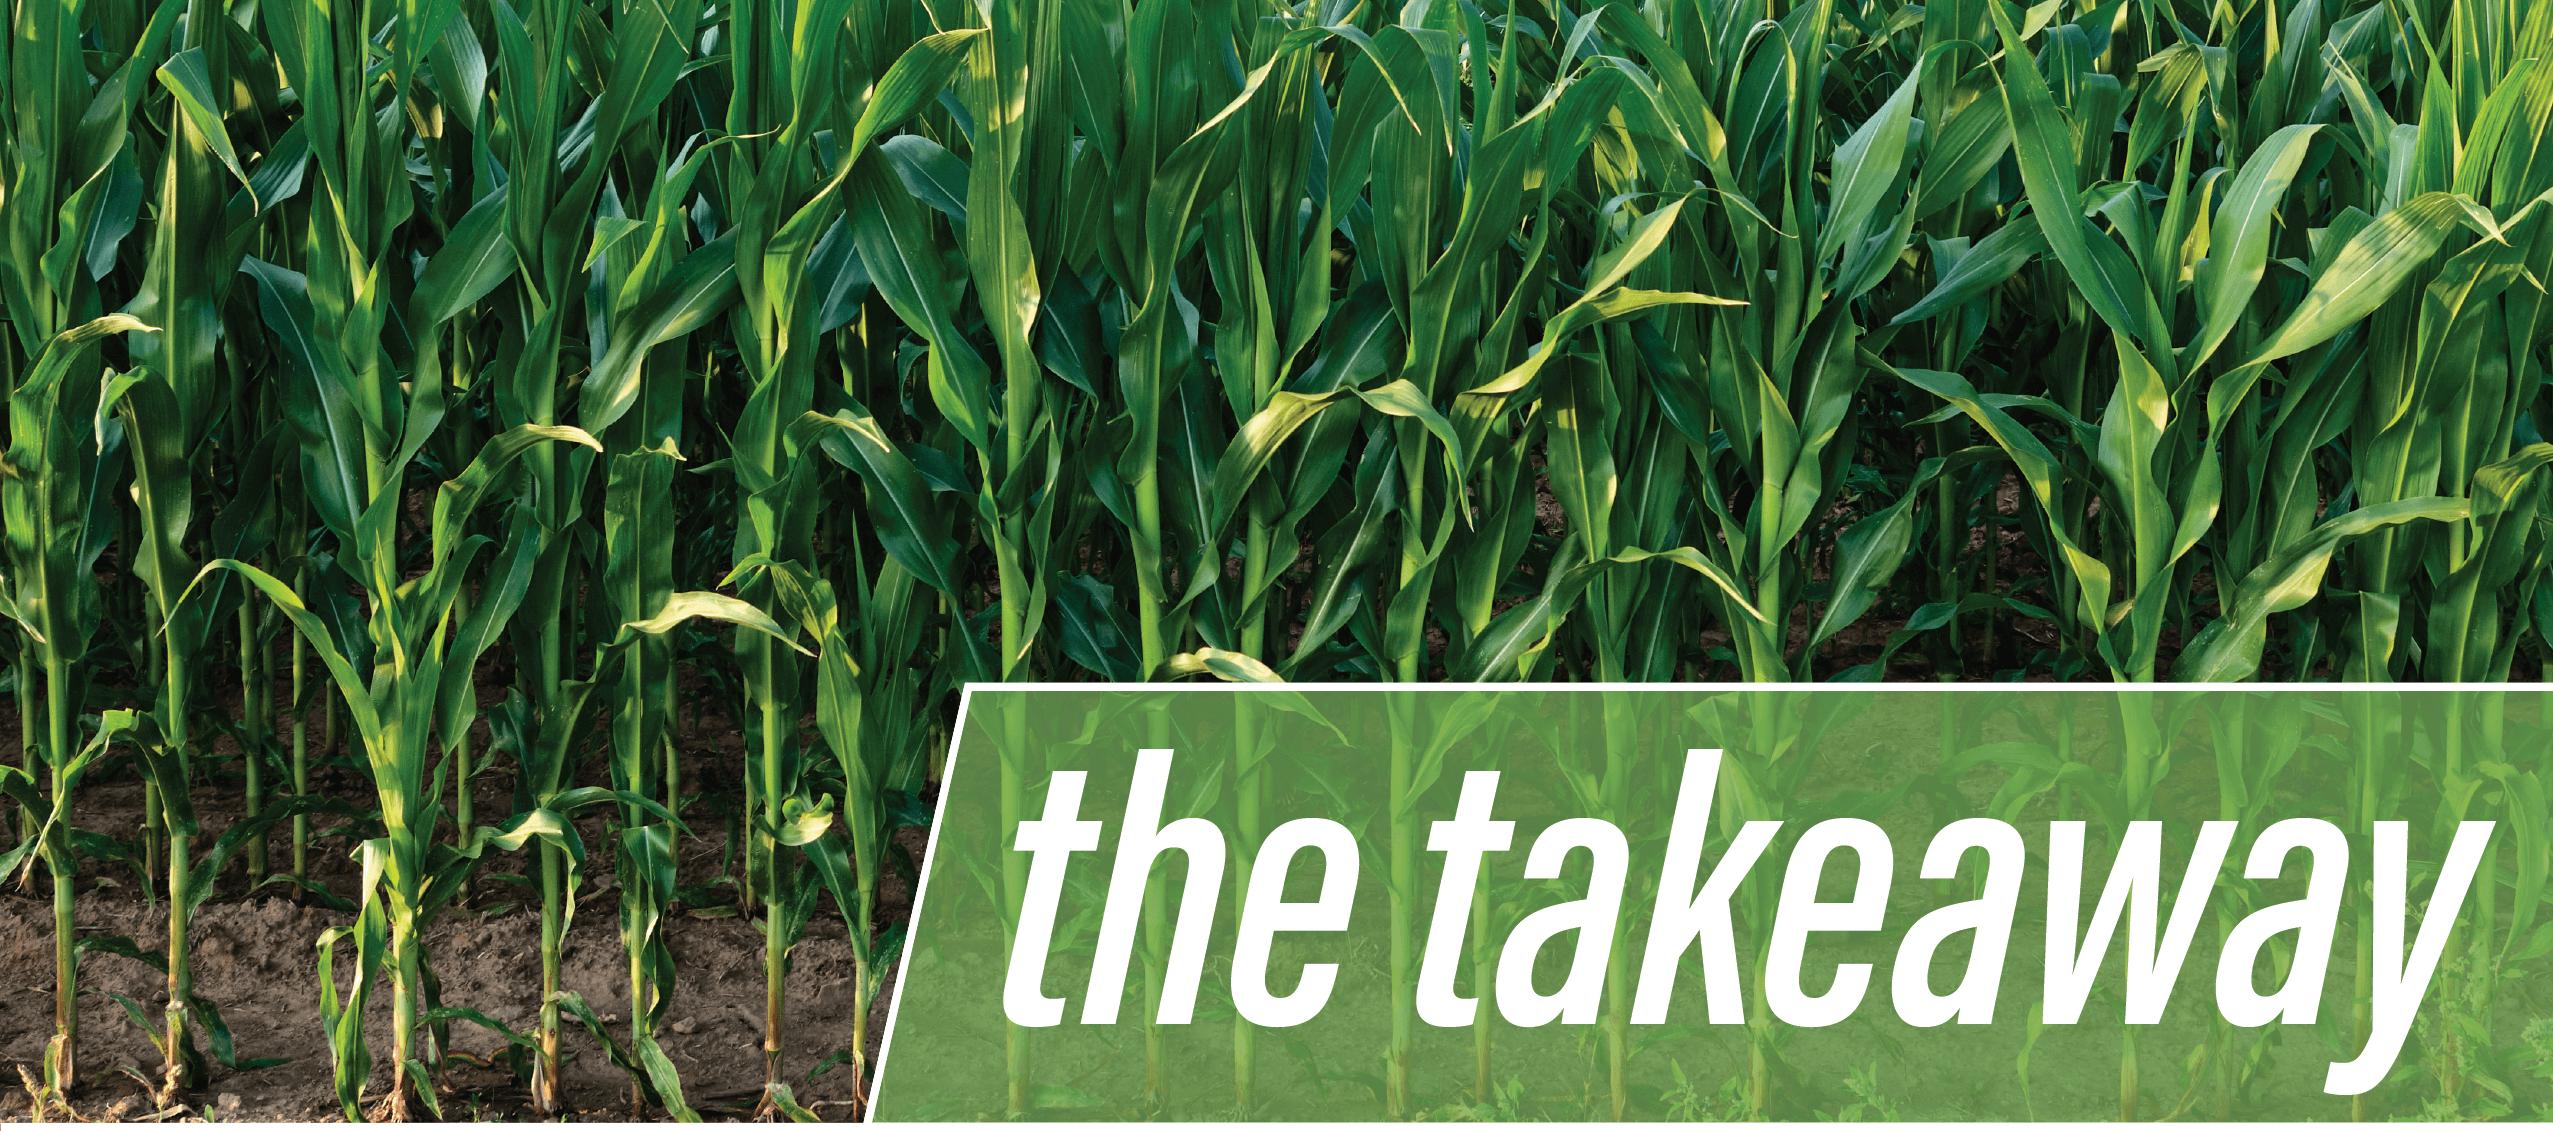 the takeaway farm